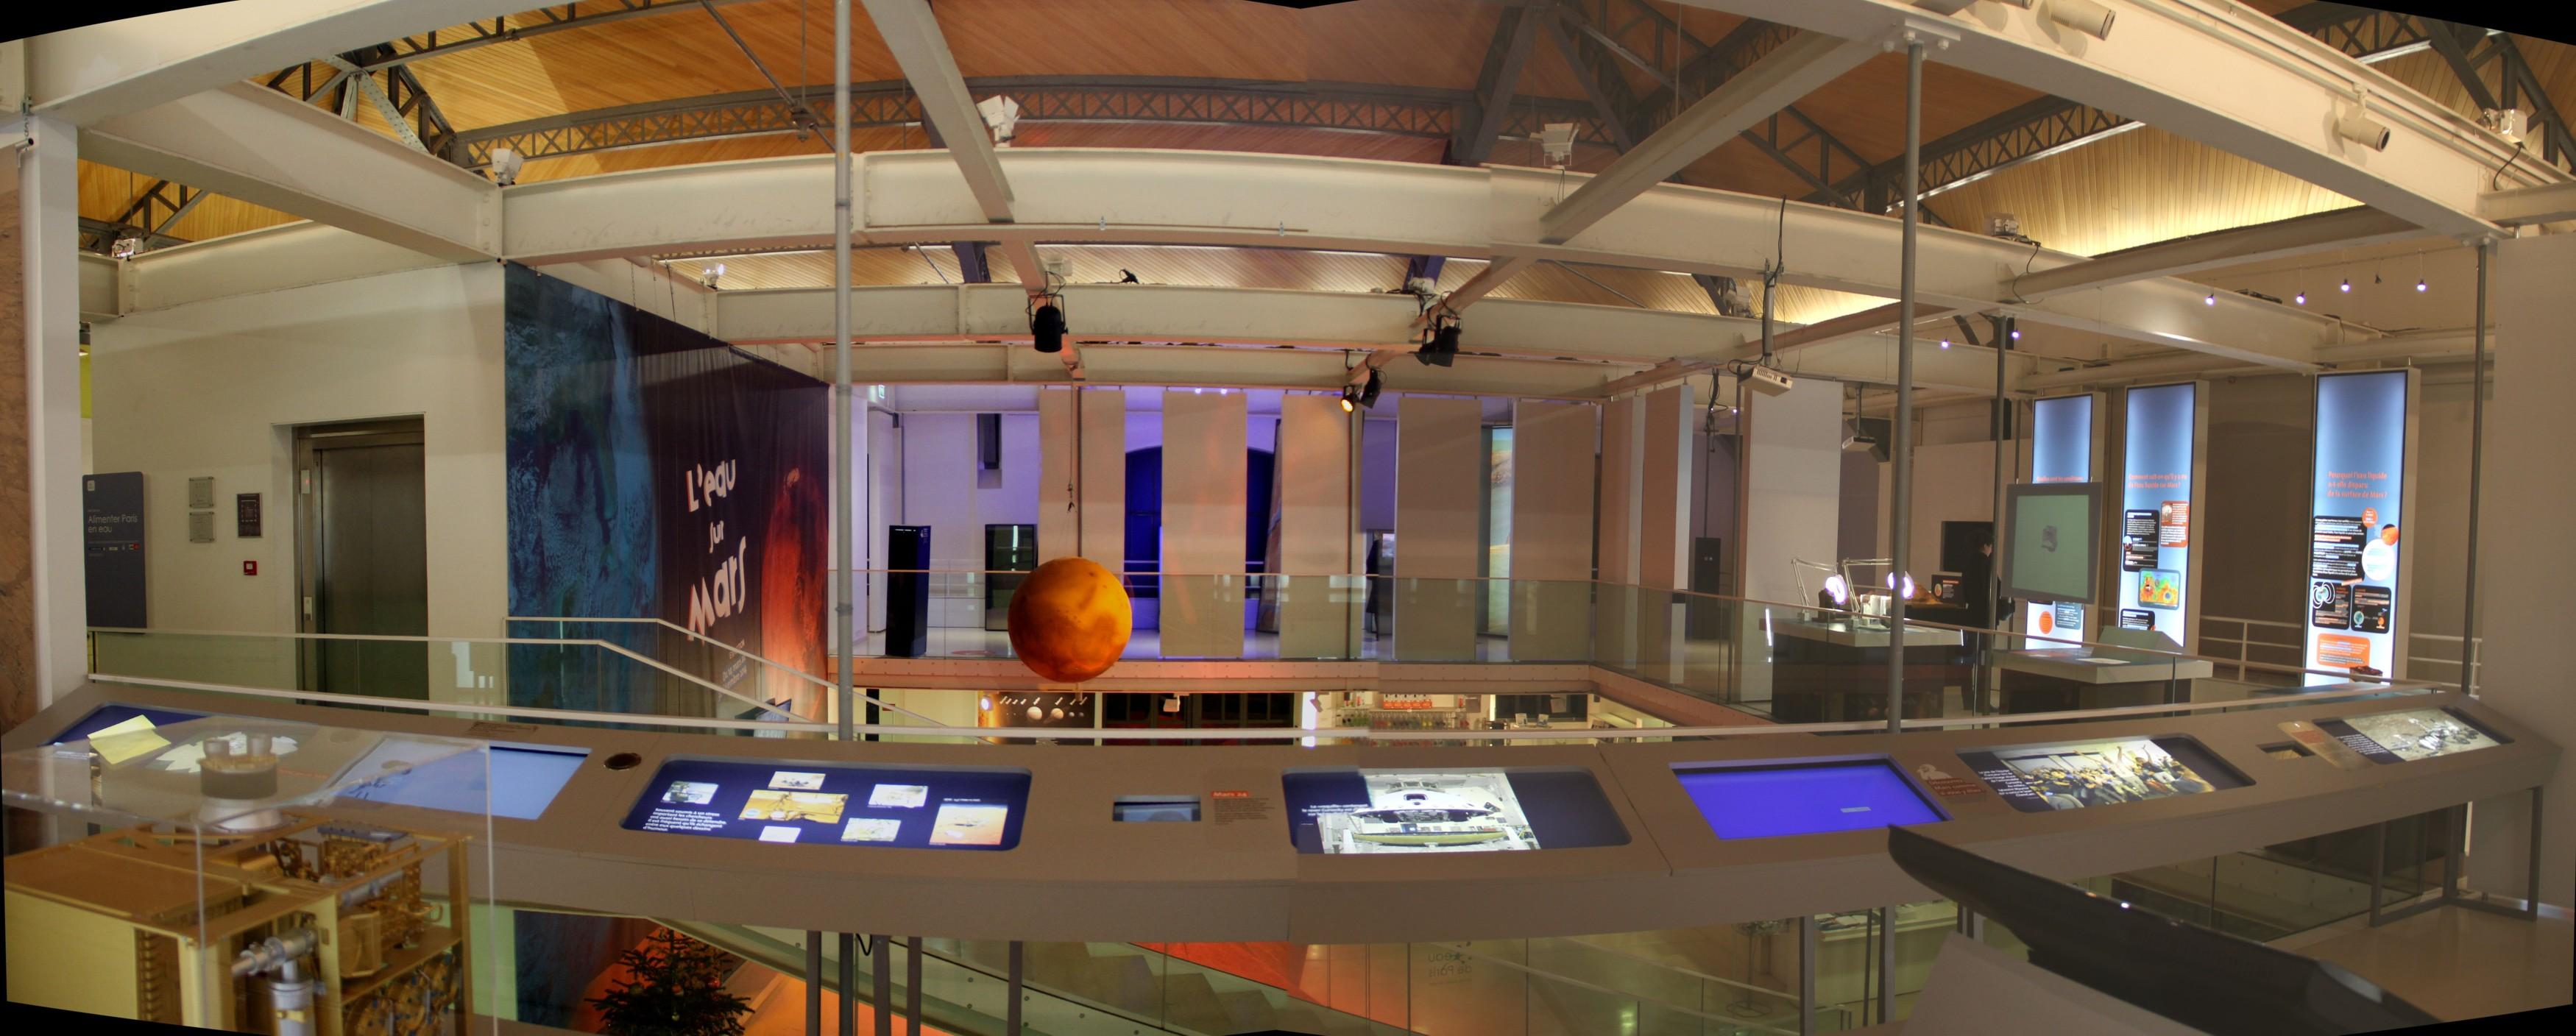 14 12 18 - 17h 48m 51s - Expo l'eau sur Mars pavillon de l'eau_stitch r